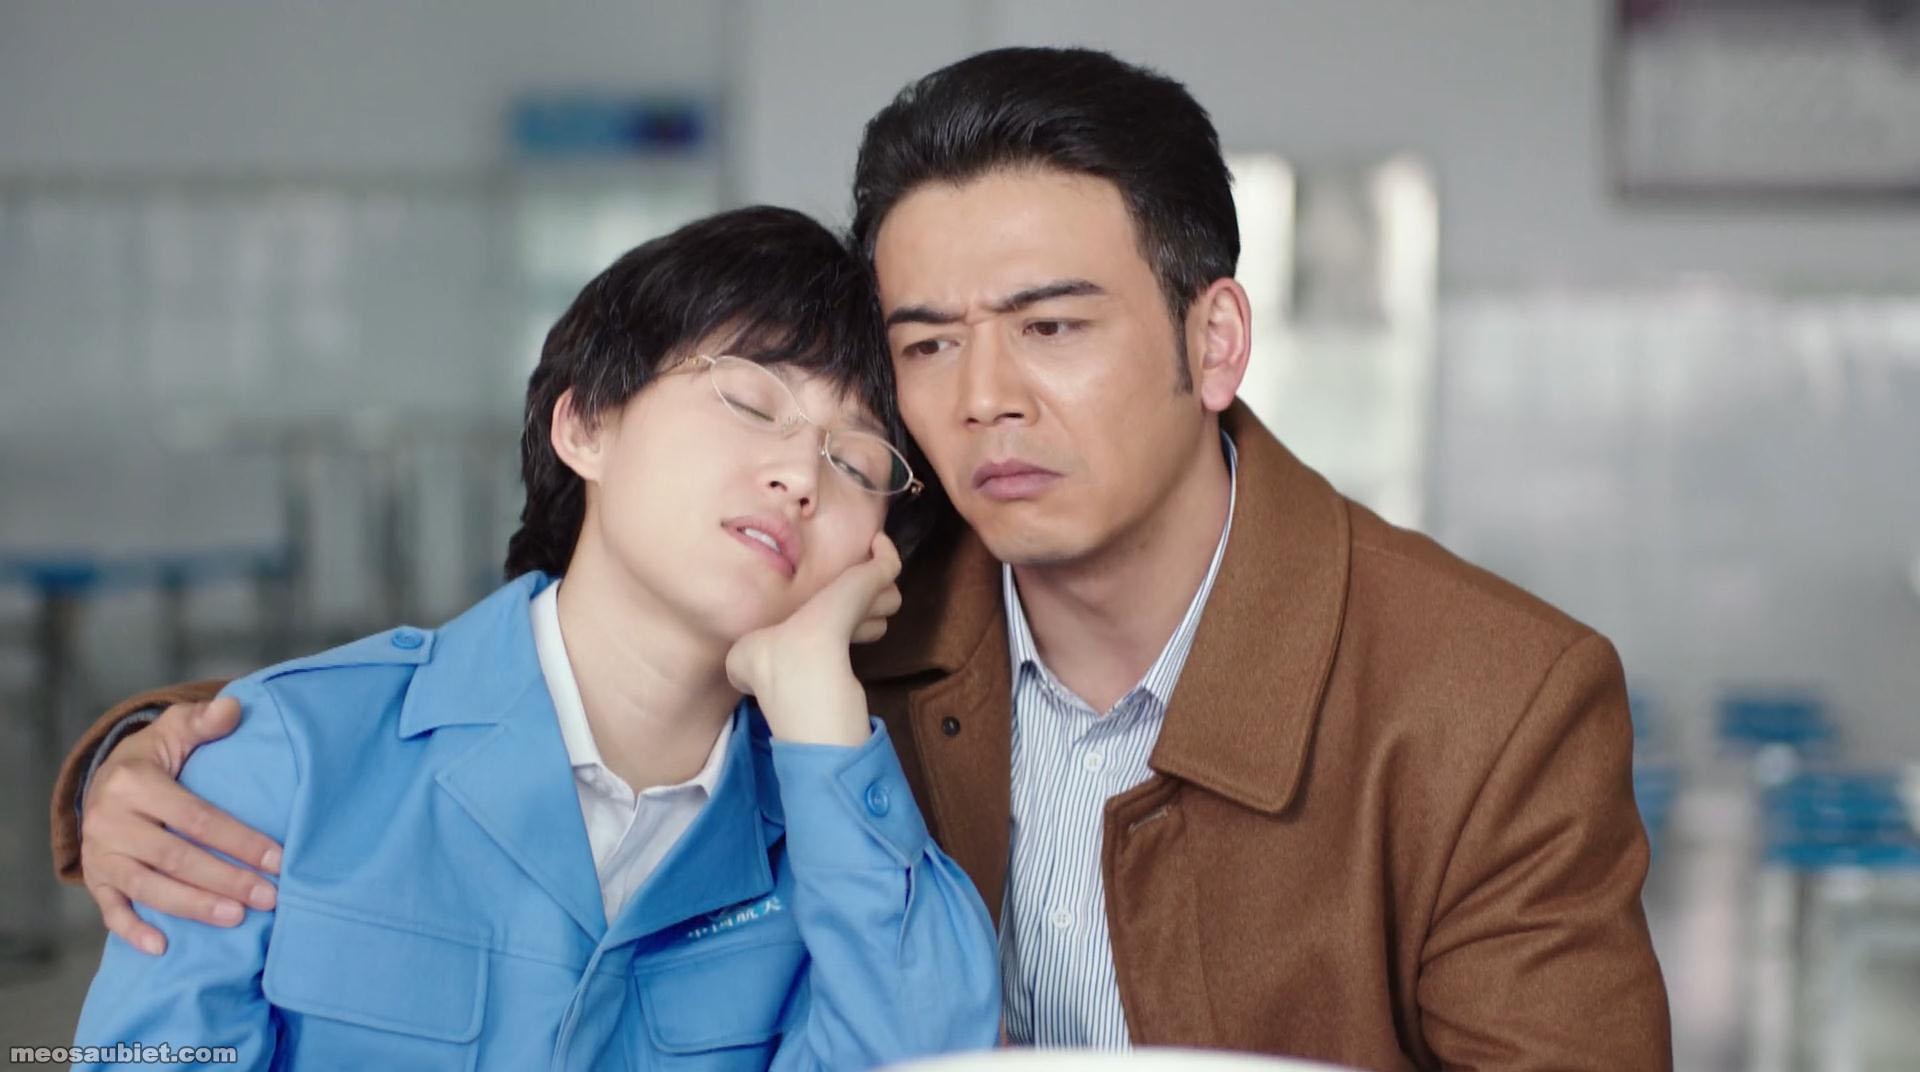 Những năm đó chúng ta chính là tuổi trẻ 2018 Tô Thanh trong vai Lục Nhược Văn